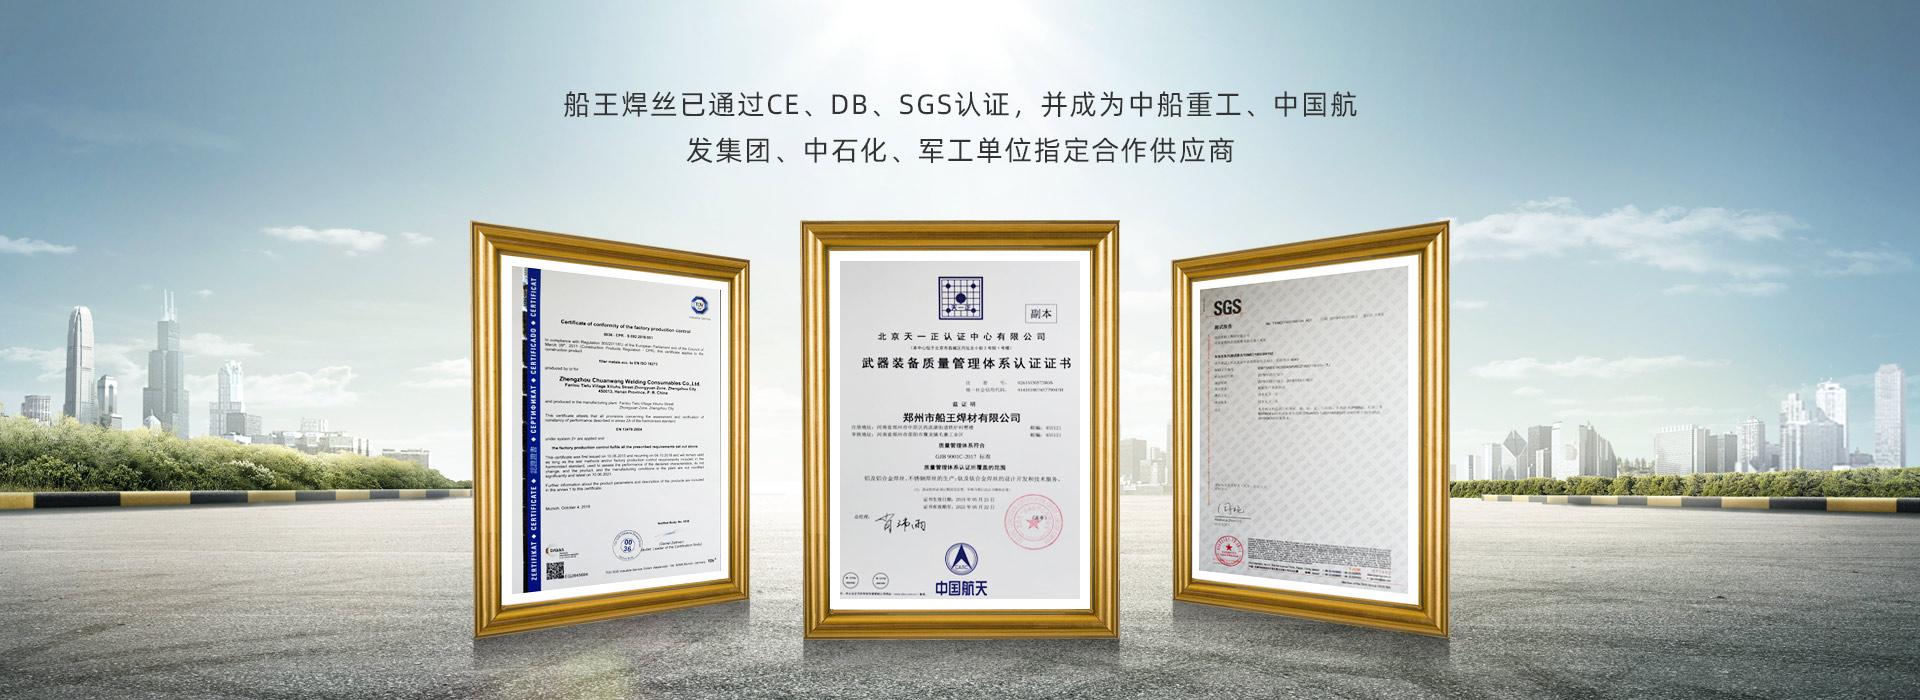 船王焊材所有产品已通过CE、DB、SGS认证